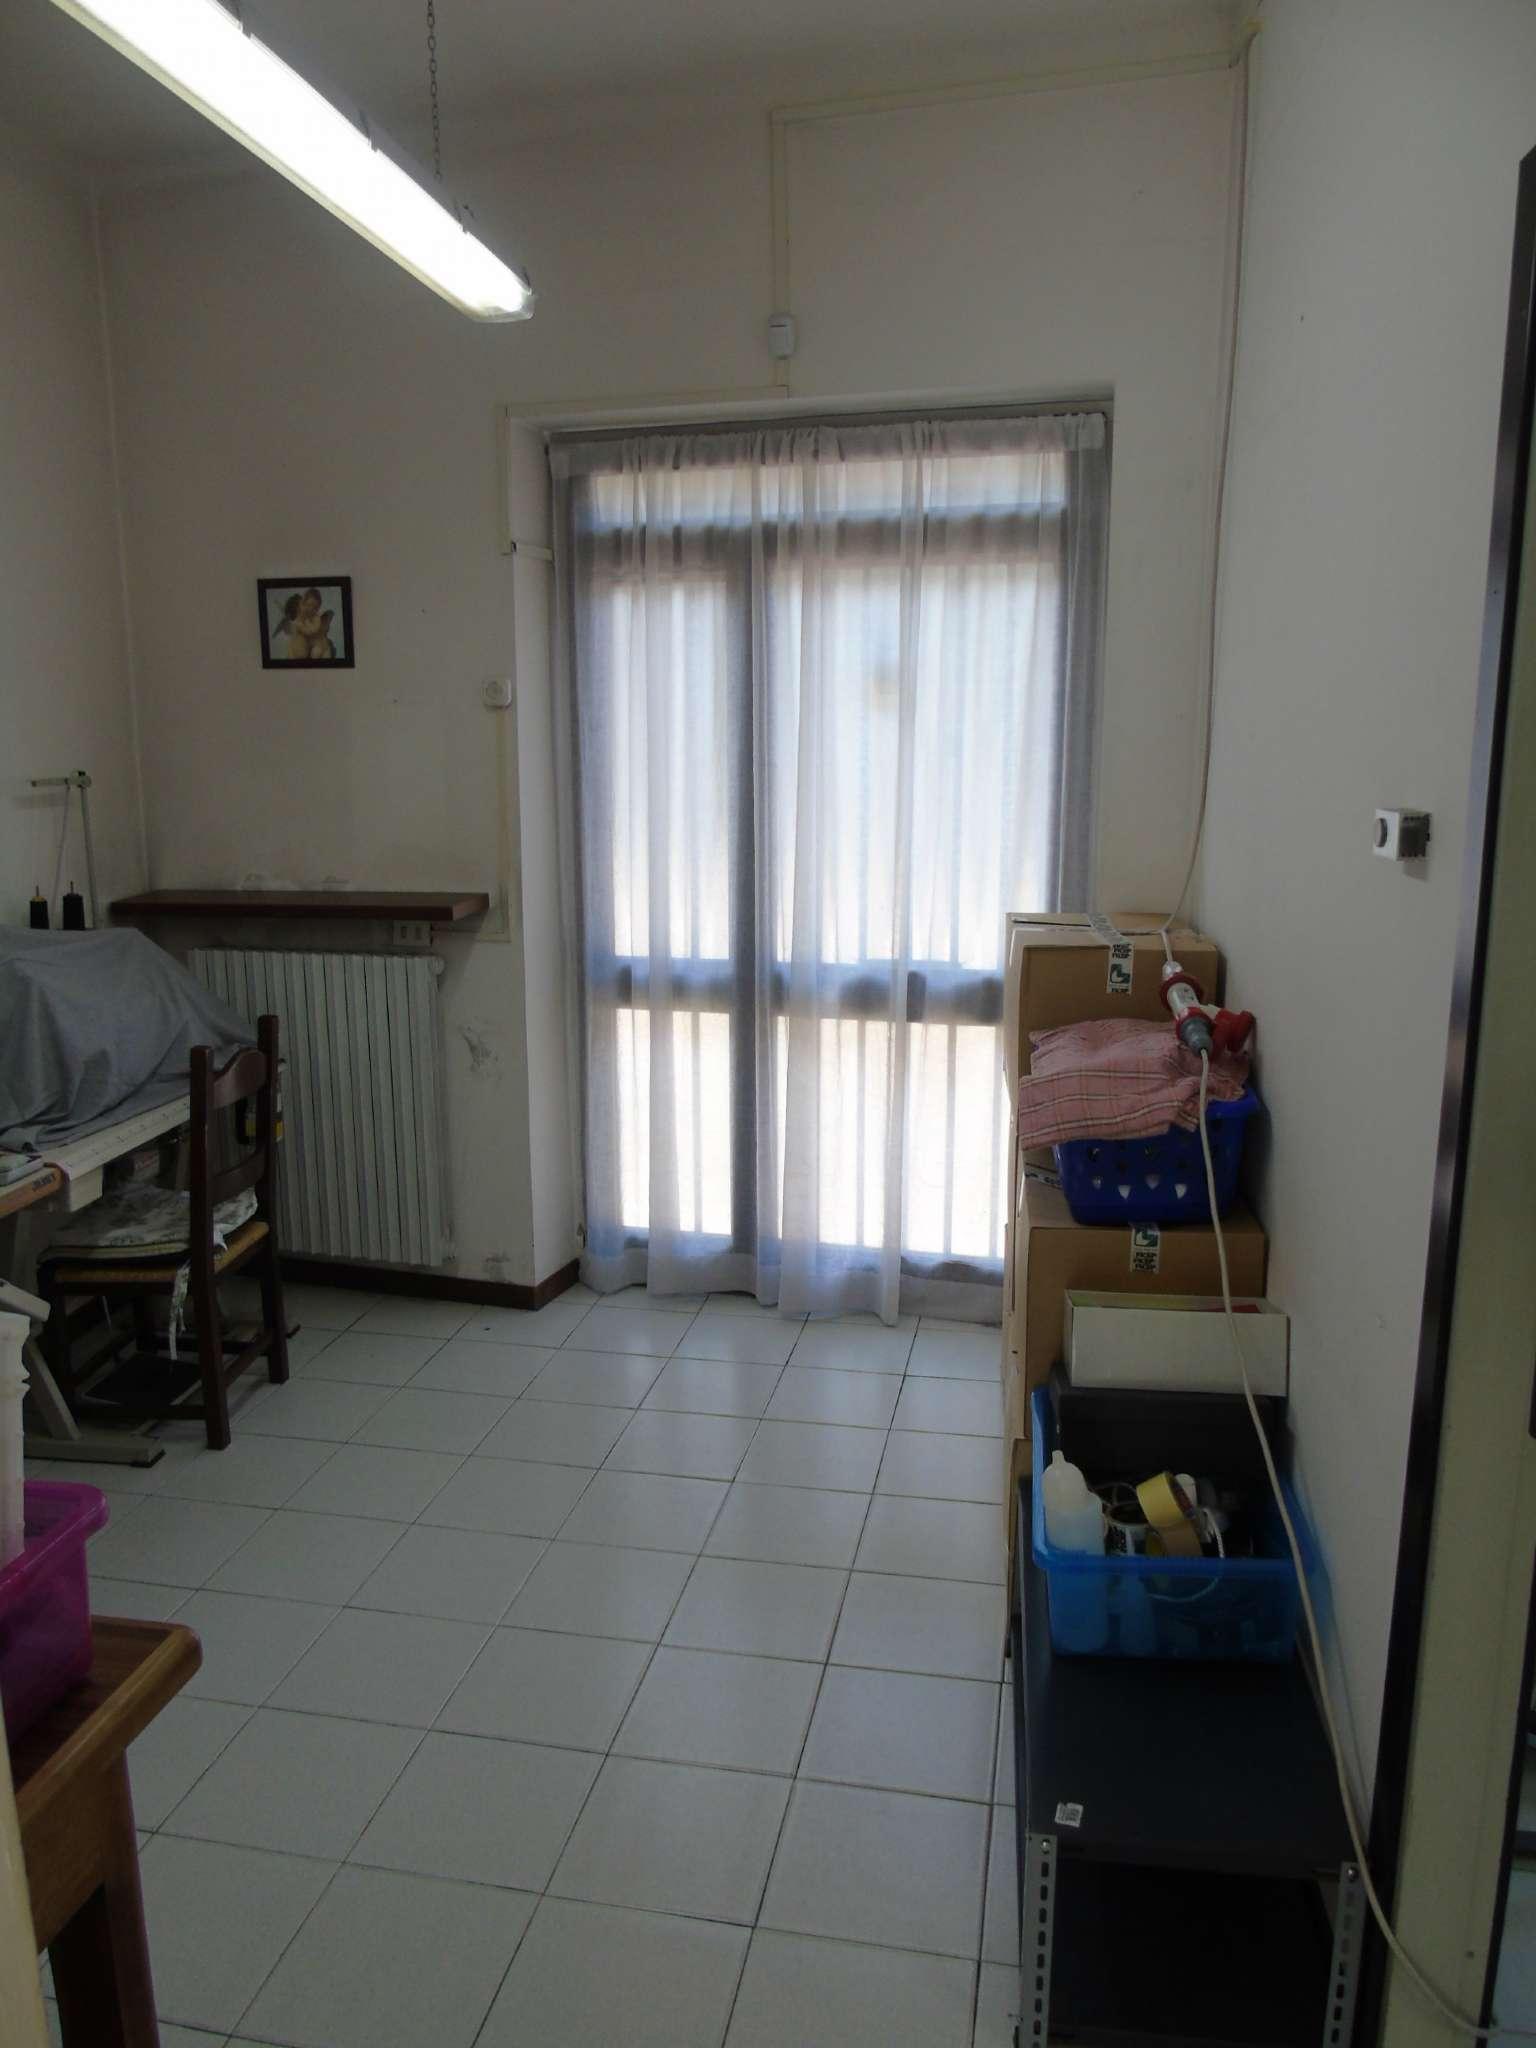 Negozio / Locale in affitto a Gerenzano, 2 locali, prezzo € 400 | CambioCasa.it